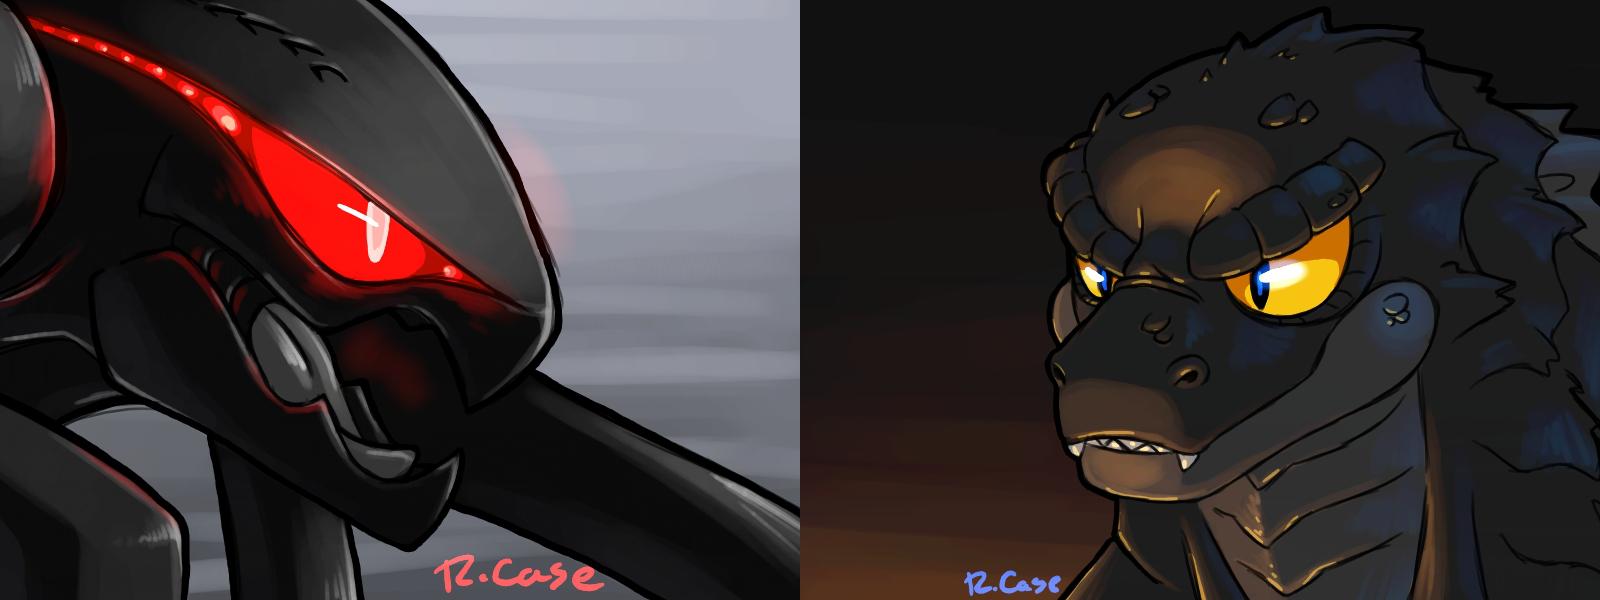 Godzilla and MUTO by rongs1234 on DeviantArt